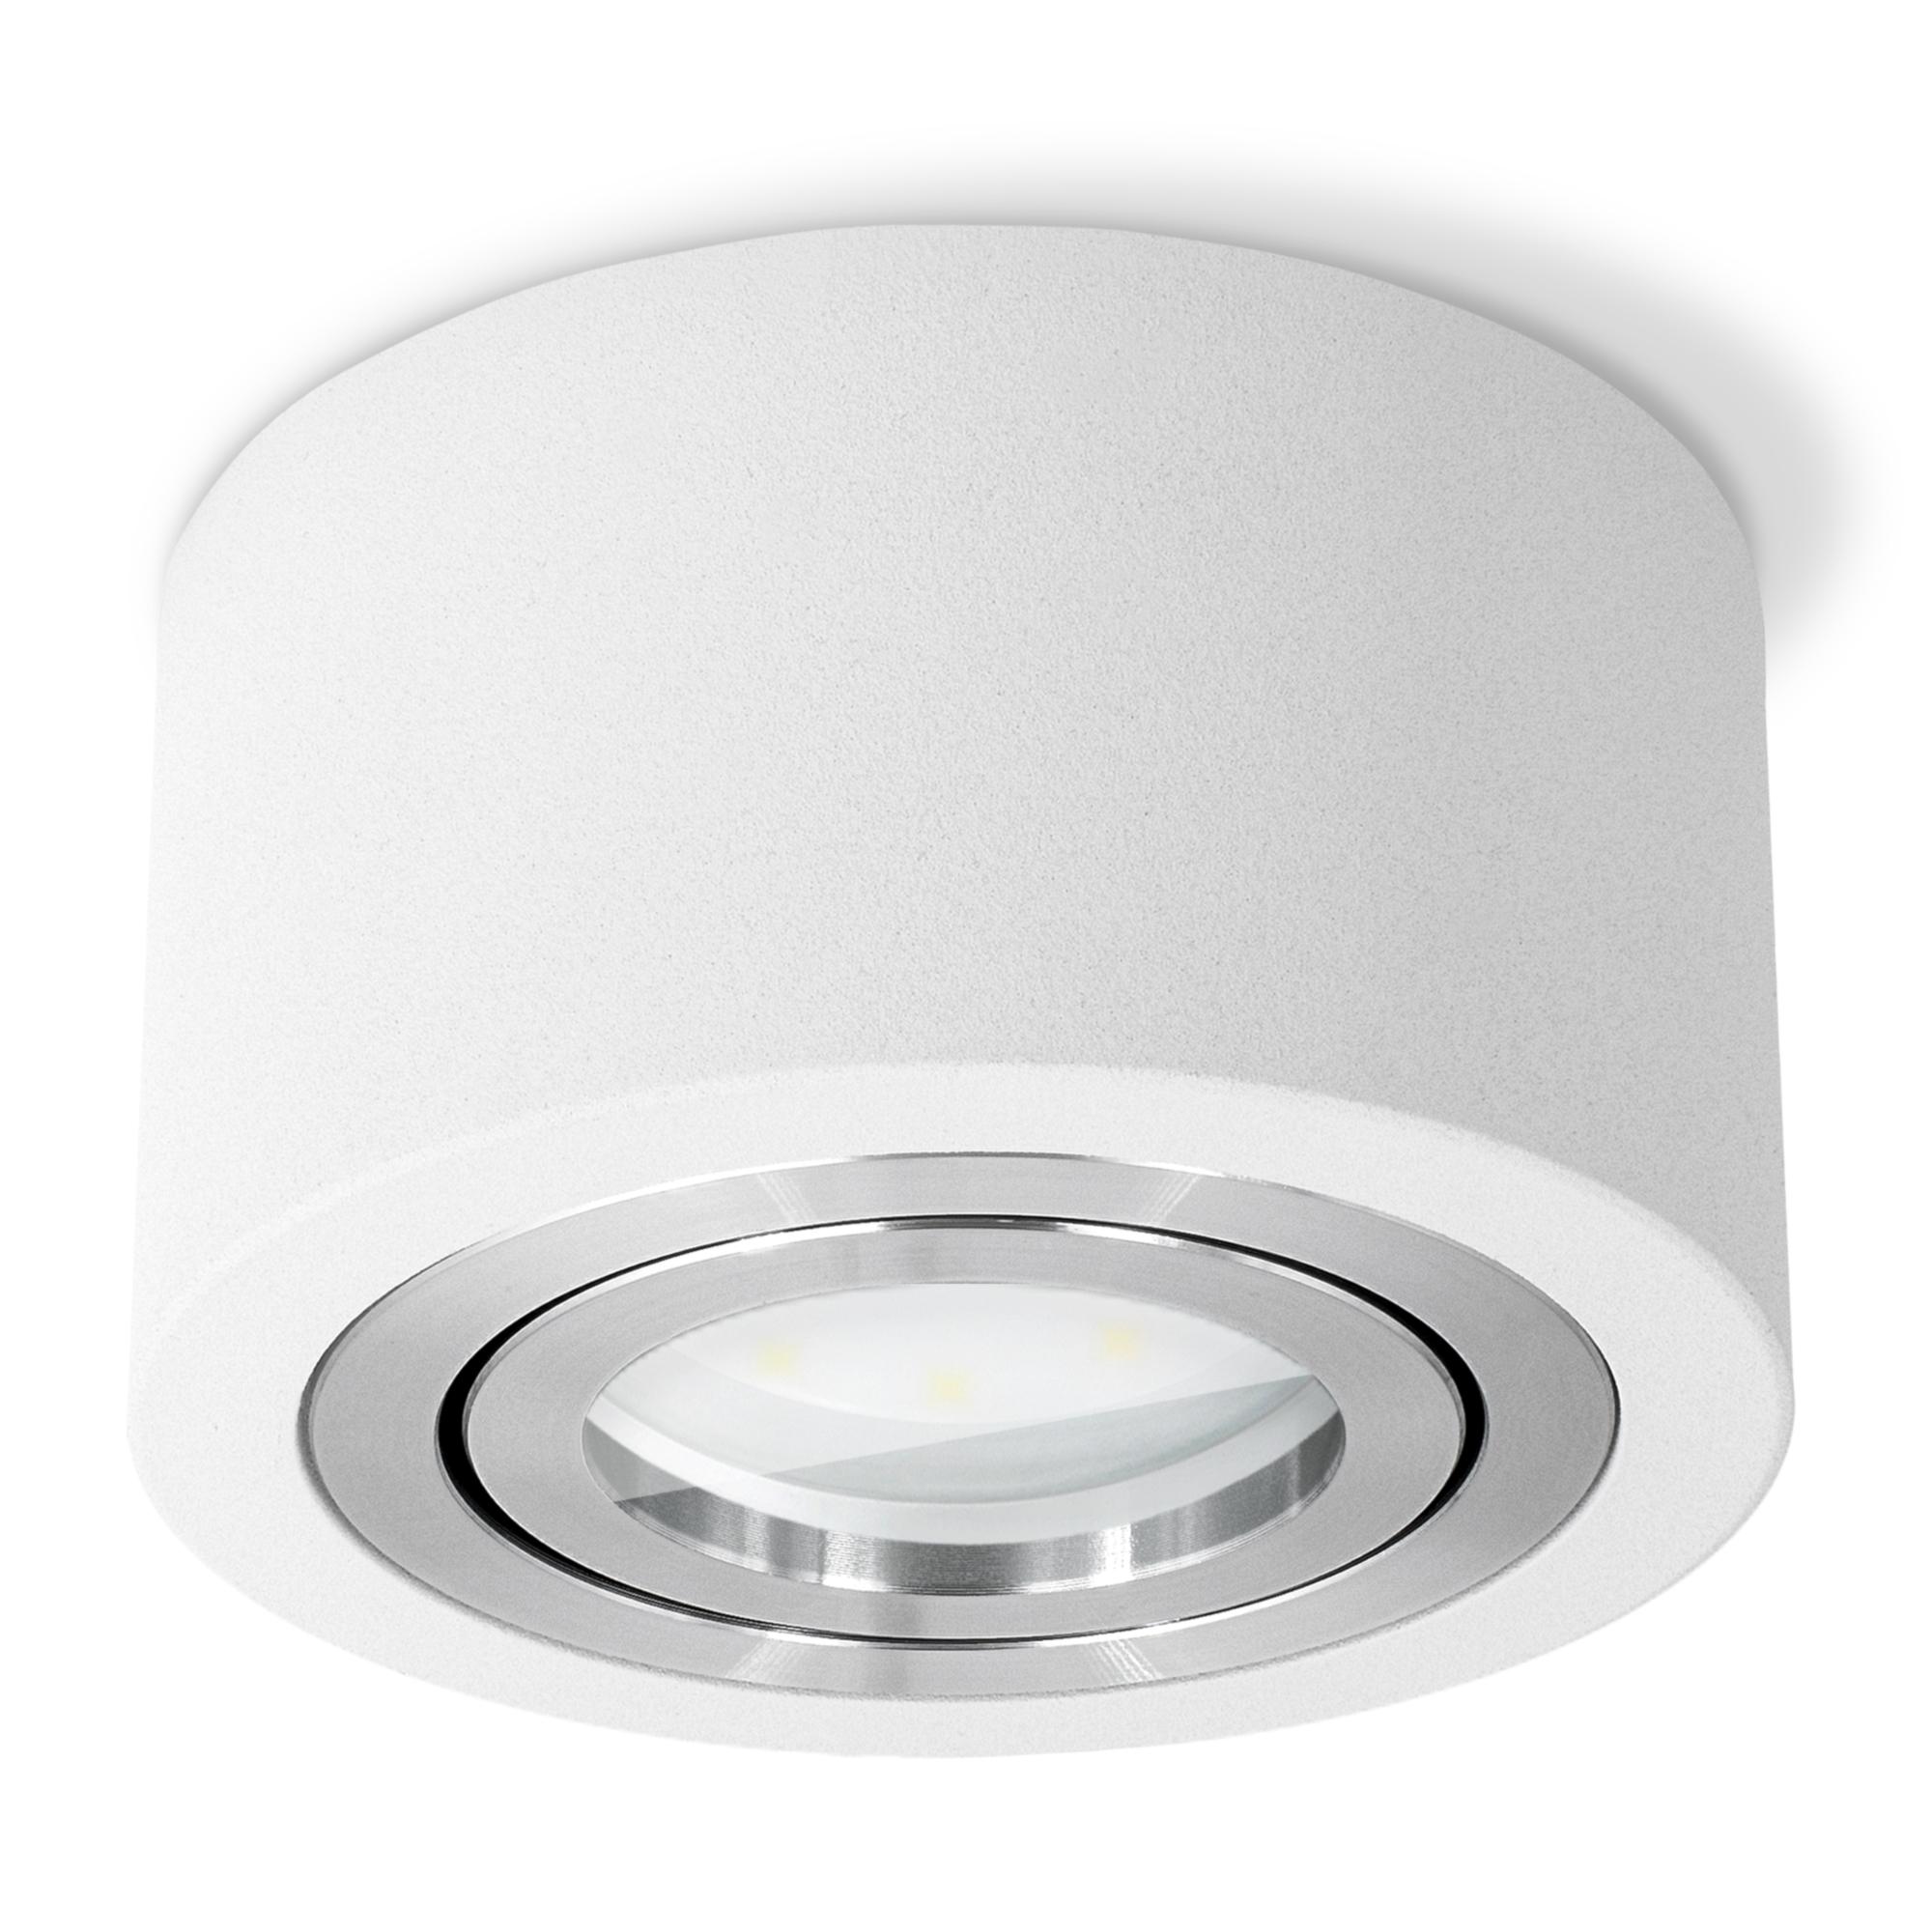 Flacher Aufbauspot LUZA für Bad & Außen IP20 mit LED 20W warmweiß ...